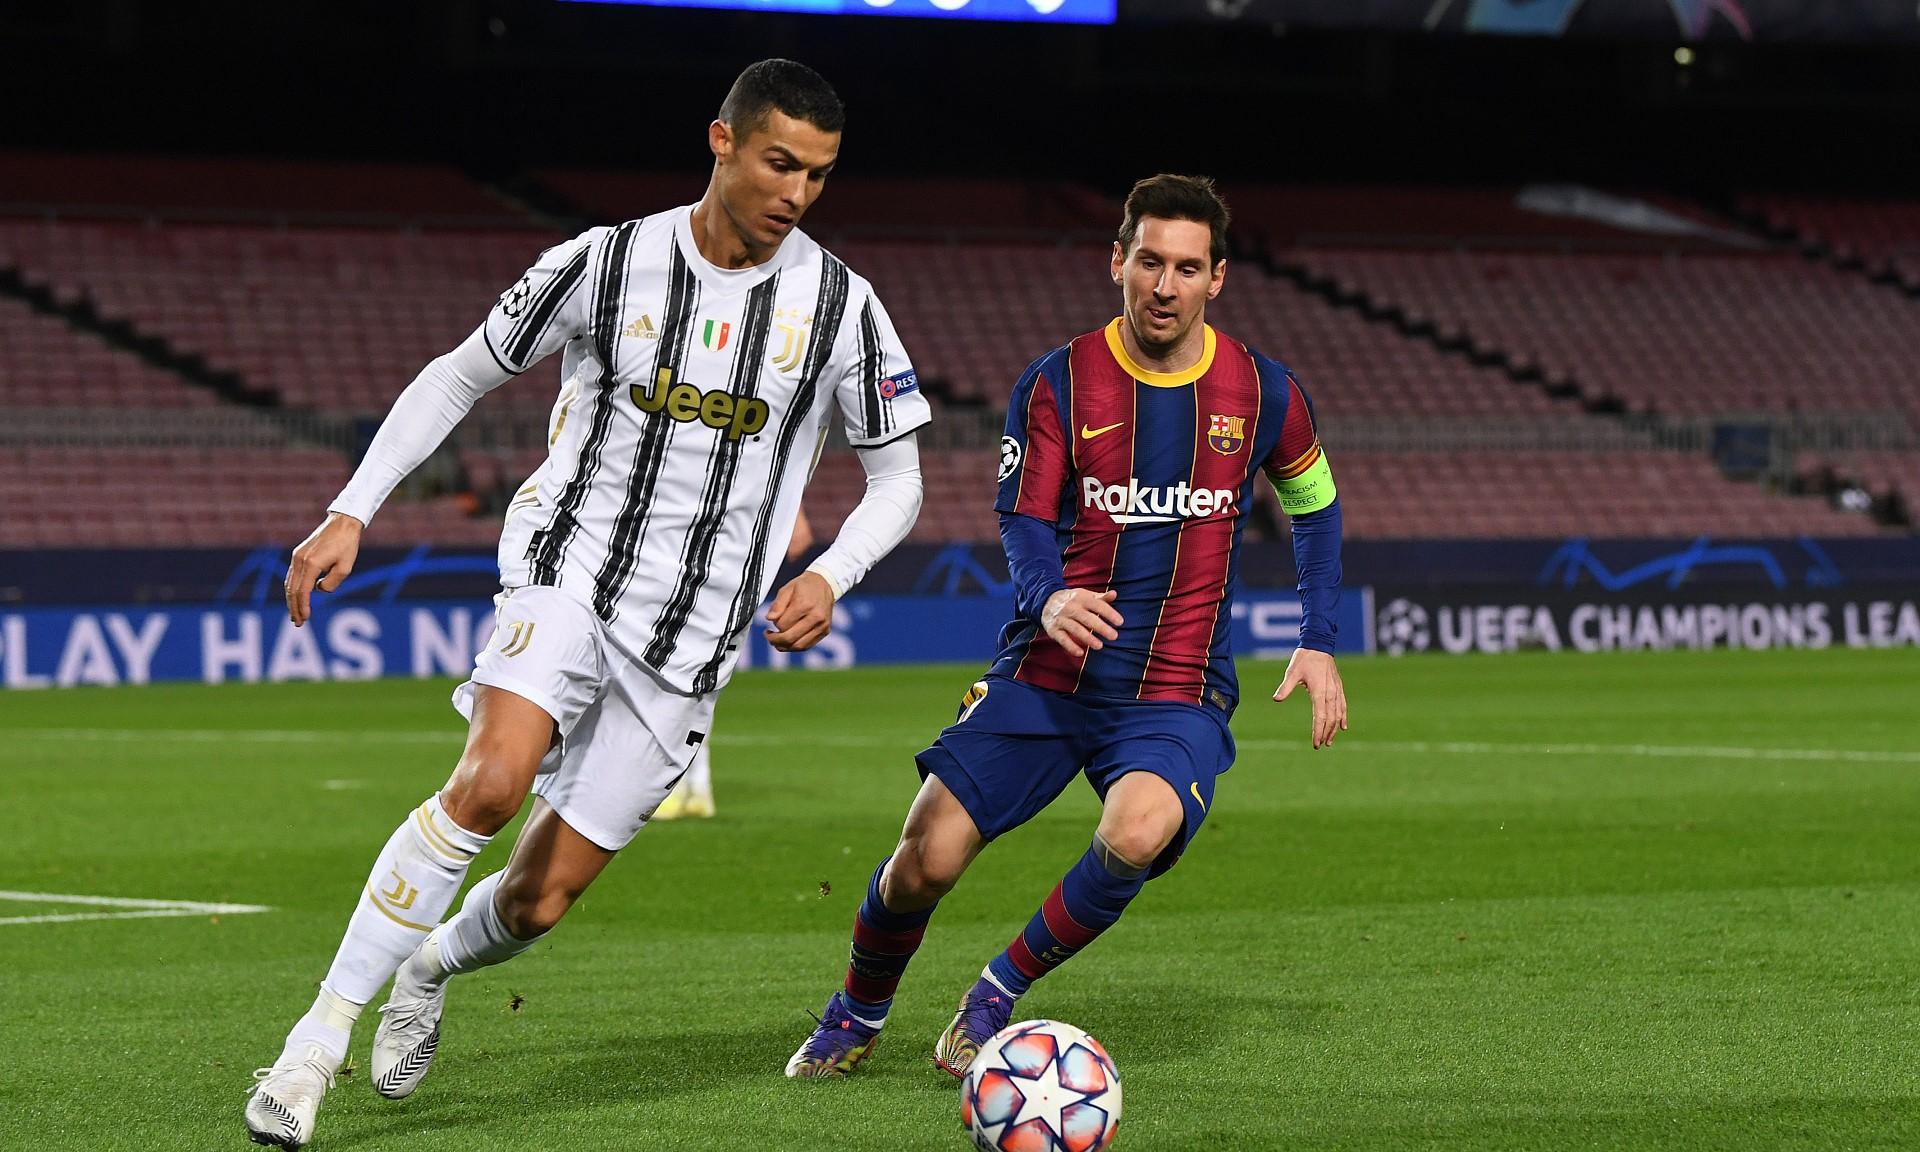 Ronaldo dalam laga Juventus melawan Barca Desember lalu.  Foto: Reuters.